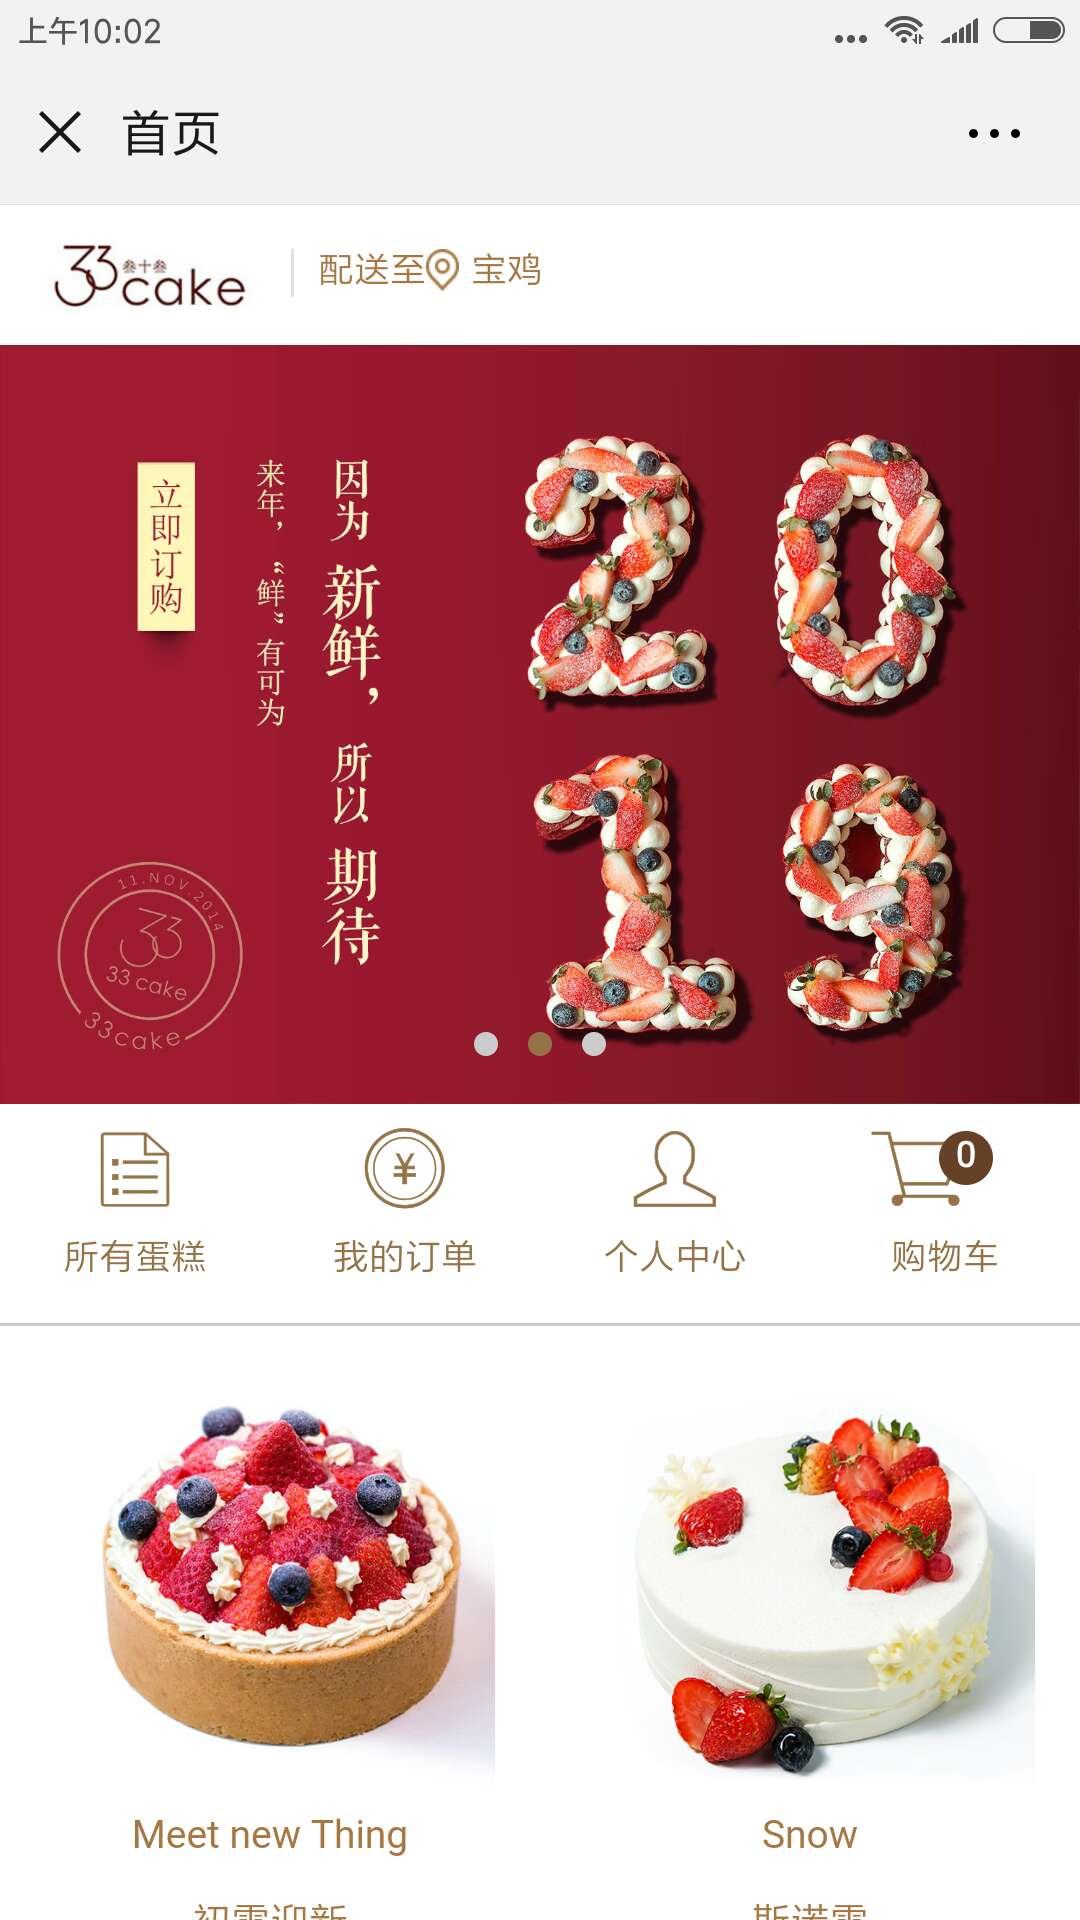 开发餐饮团购生鲜水果超市便利店食品三级分销